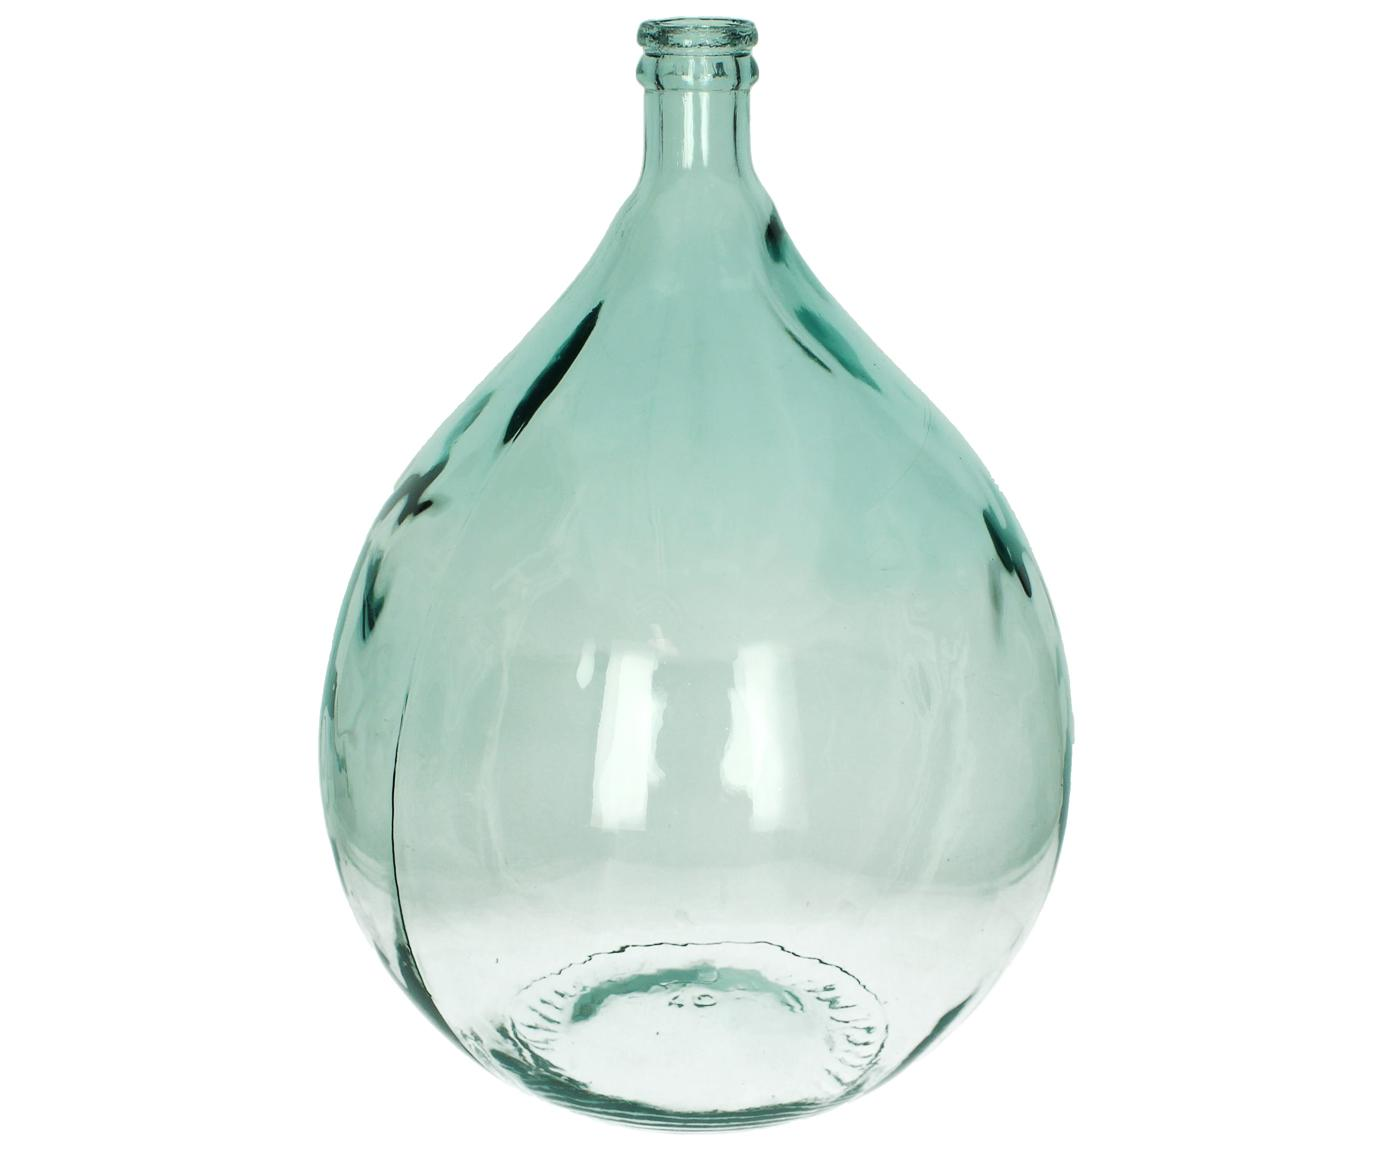 Jarrón de suelo de vidrio reciclado Mikkel, Vidrio reciclado, Azul claro, Al 56 cm